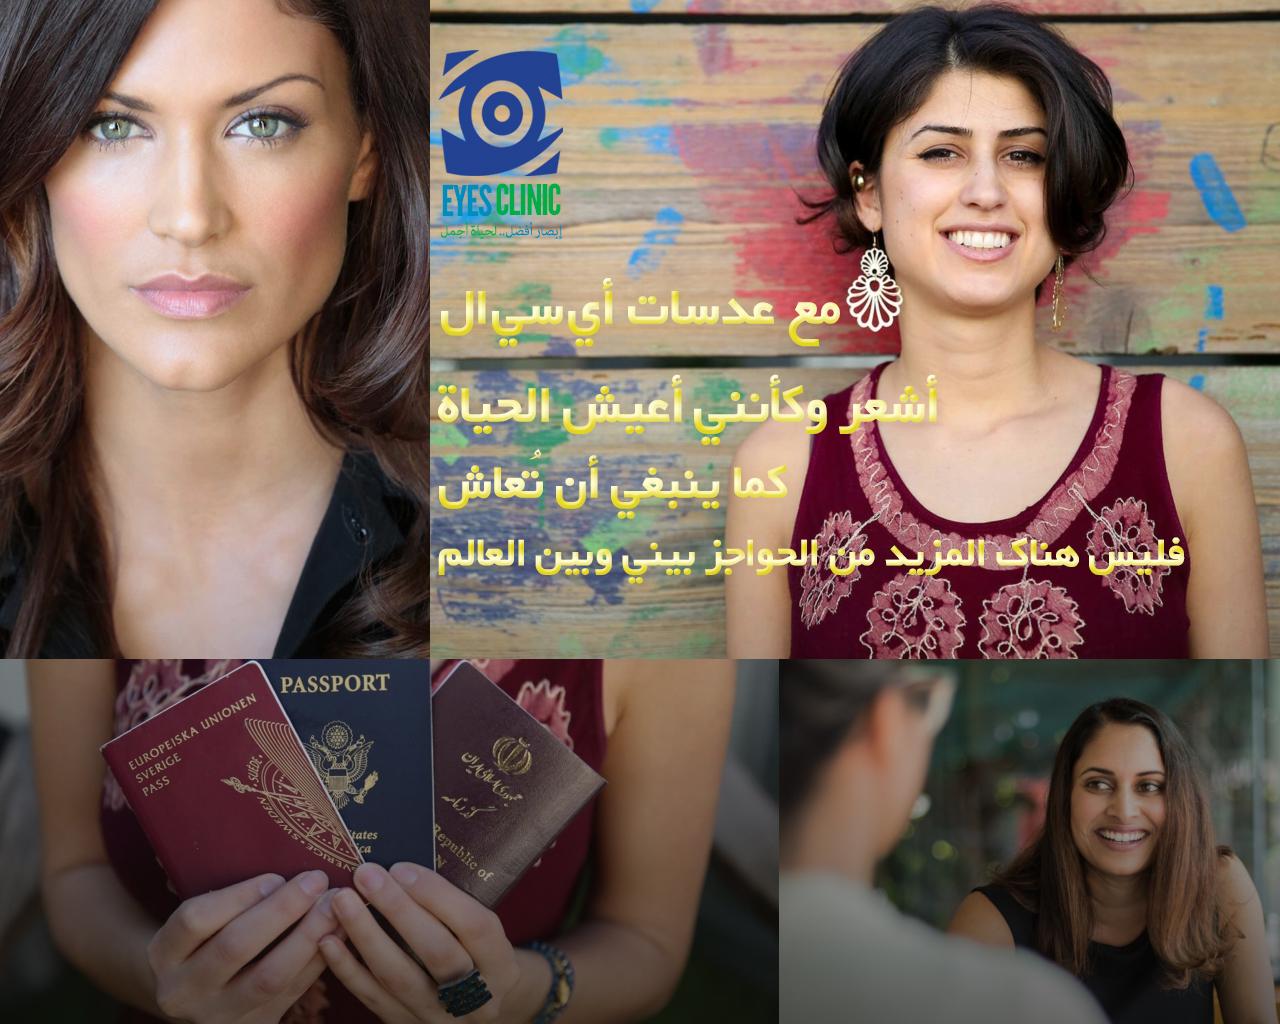 جراحات العيون في ايران